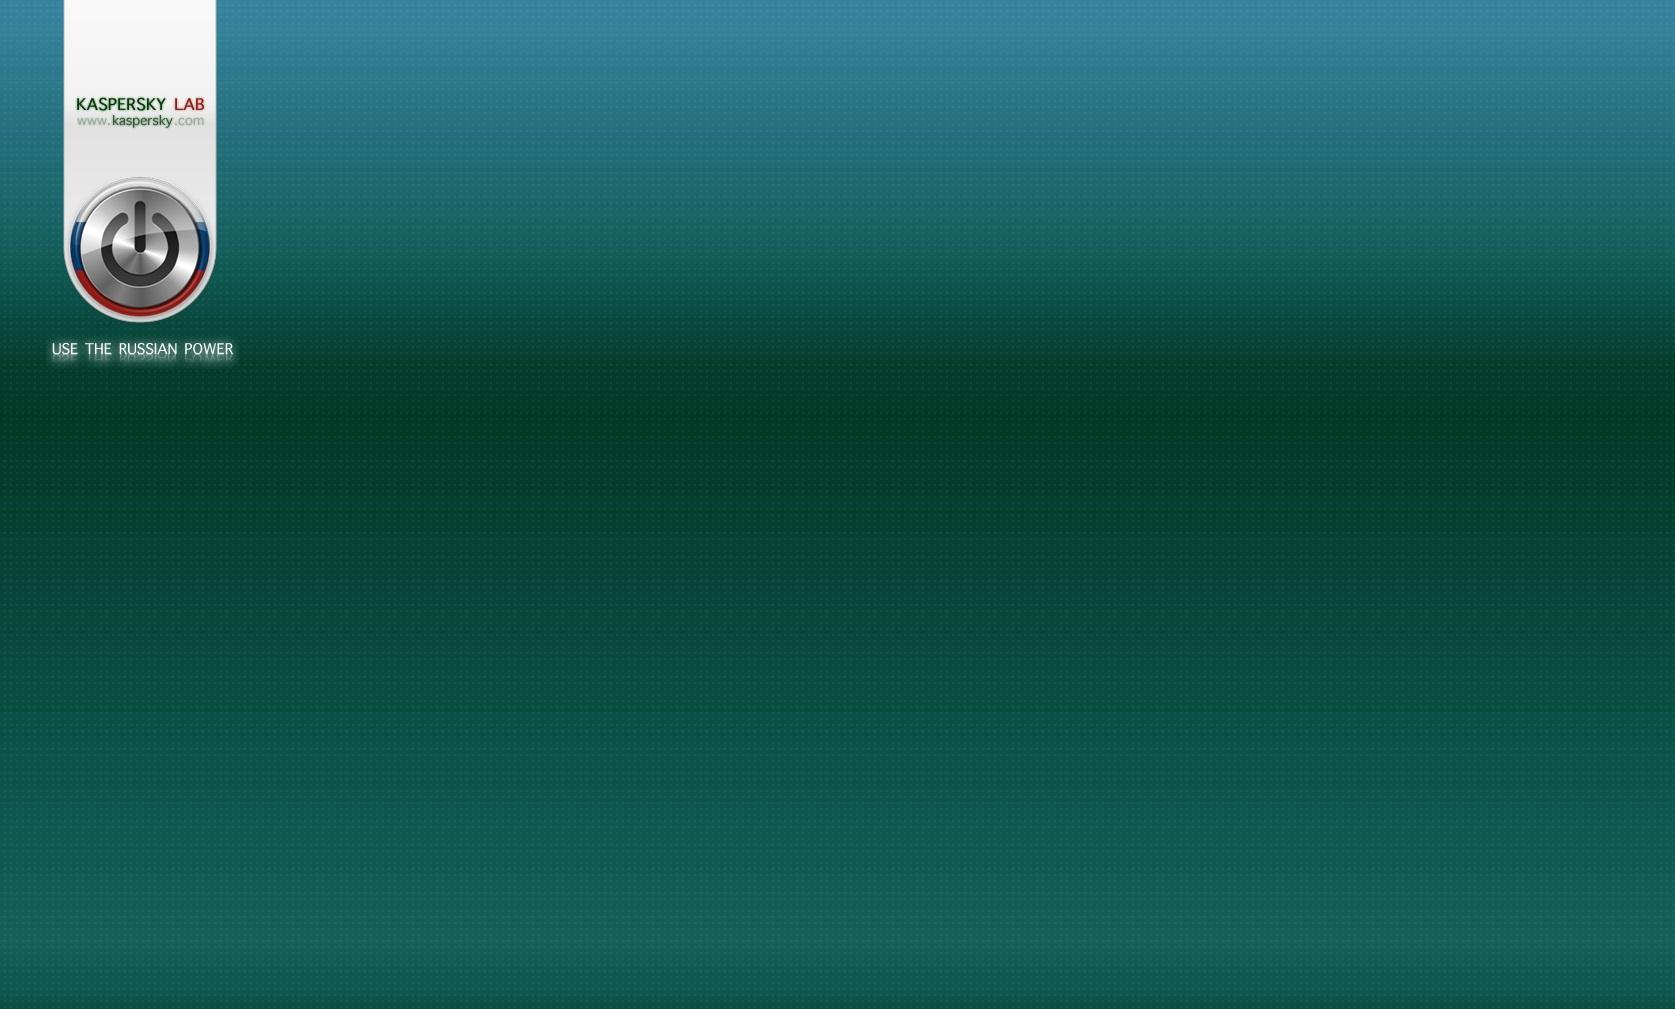 كاسبرسكي تكشف عن هجوم إلكتروني خطير على شبكتها